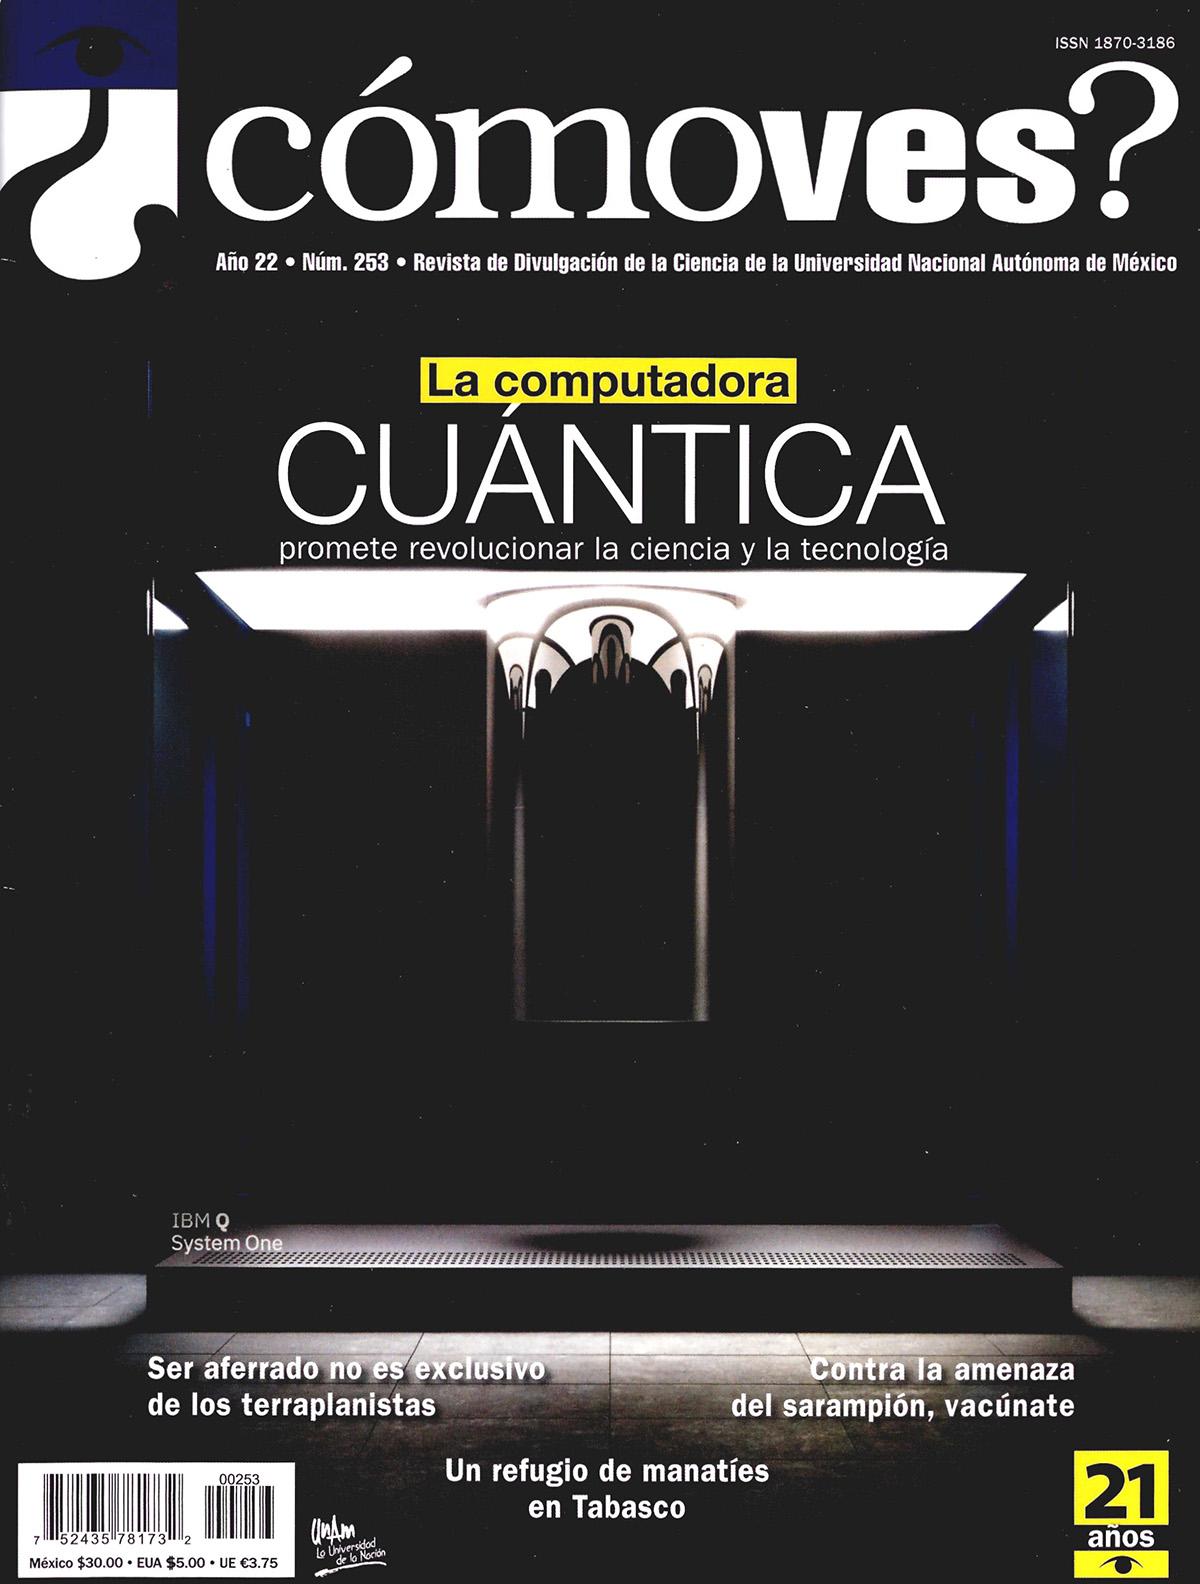 ¿Cómo ves? La computadora cuántica Revista de Divulgación de la Ciencia, año 22, núm. 253, diciembre 2019